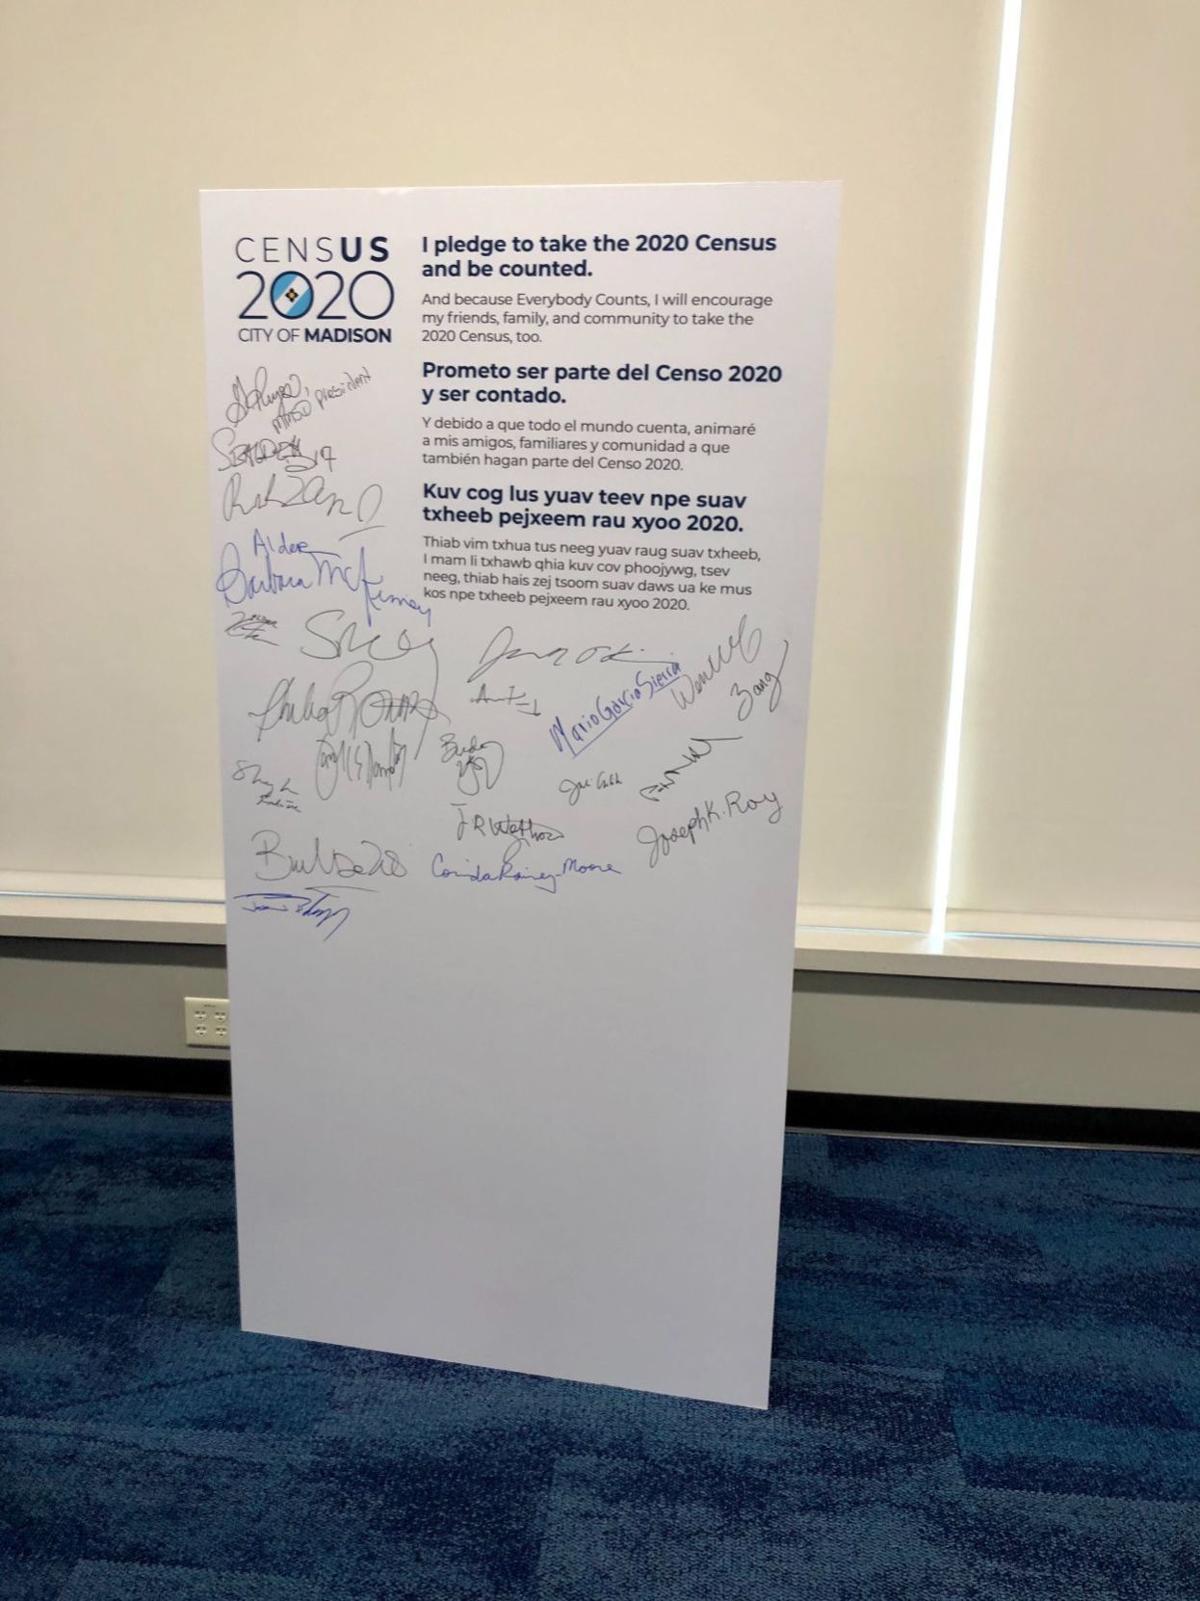 2020 Census pledge